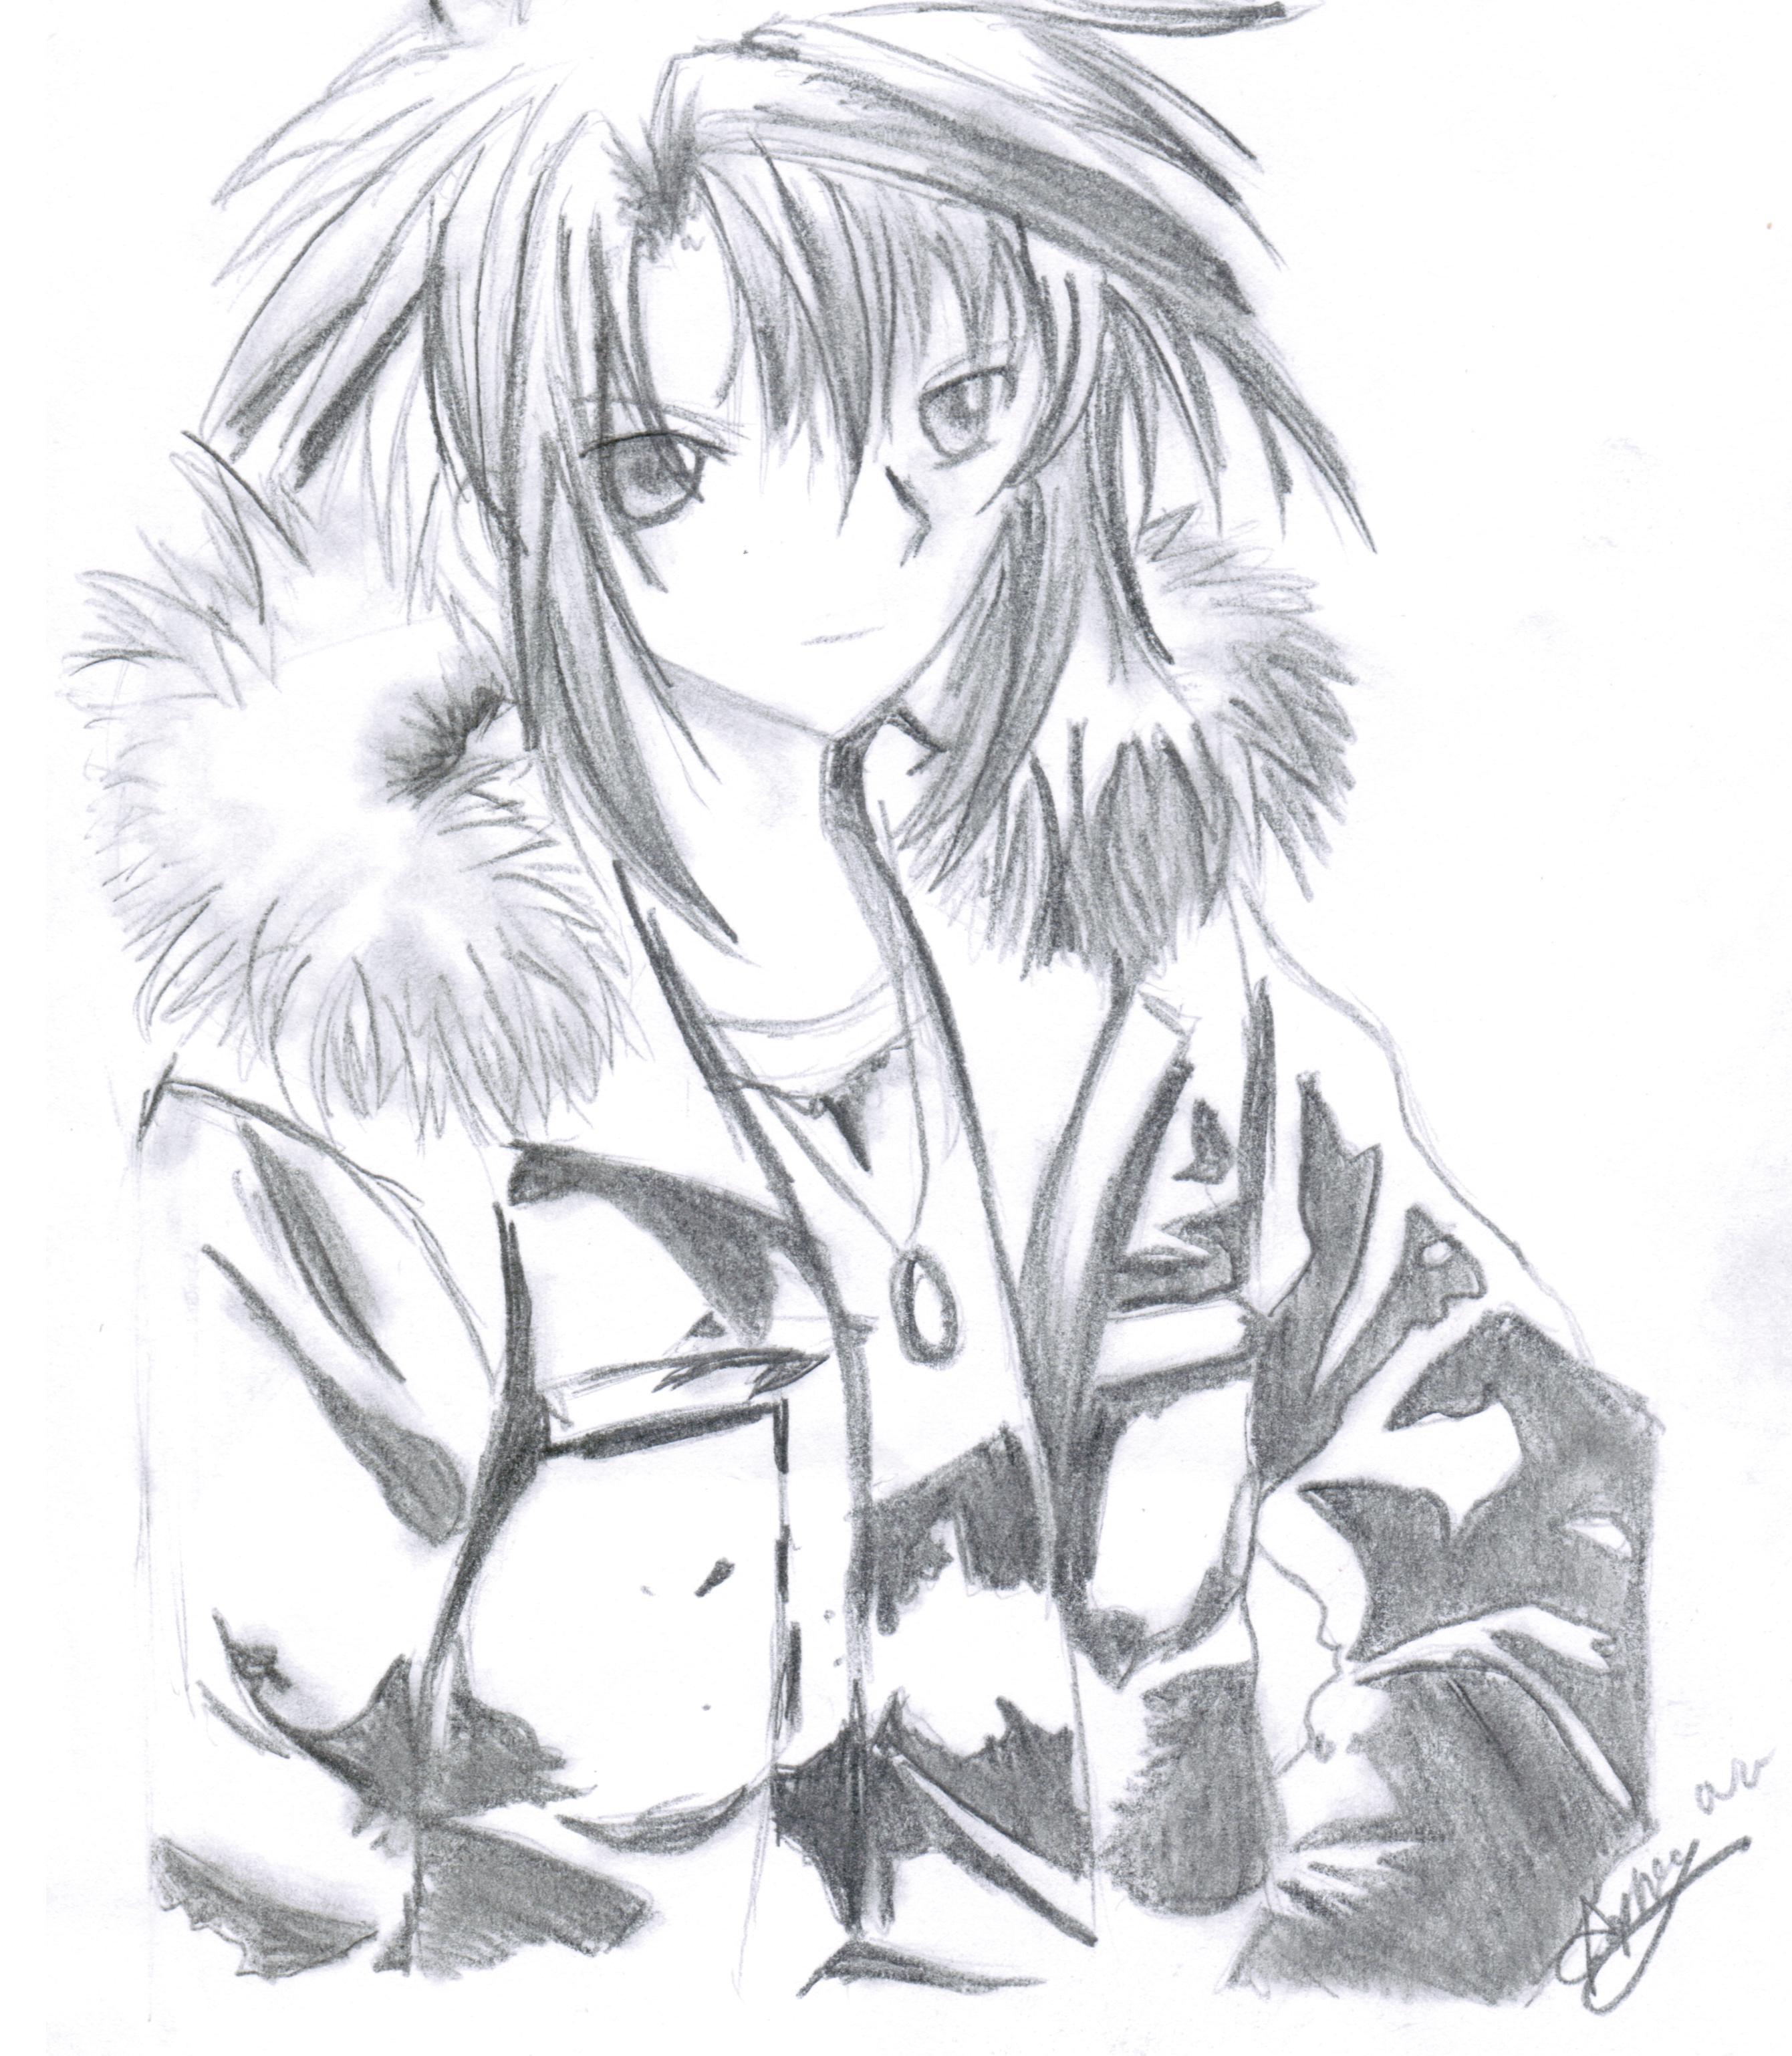 2681x3076 Anime Boy In Fur Jacket By Mangafox23